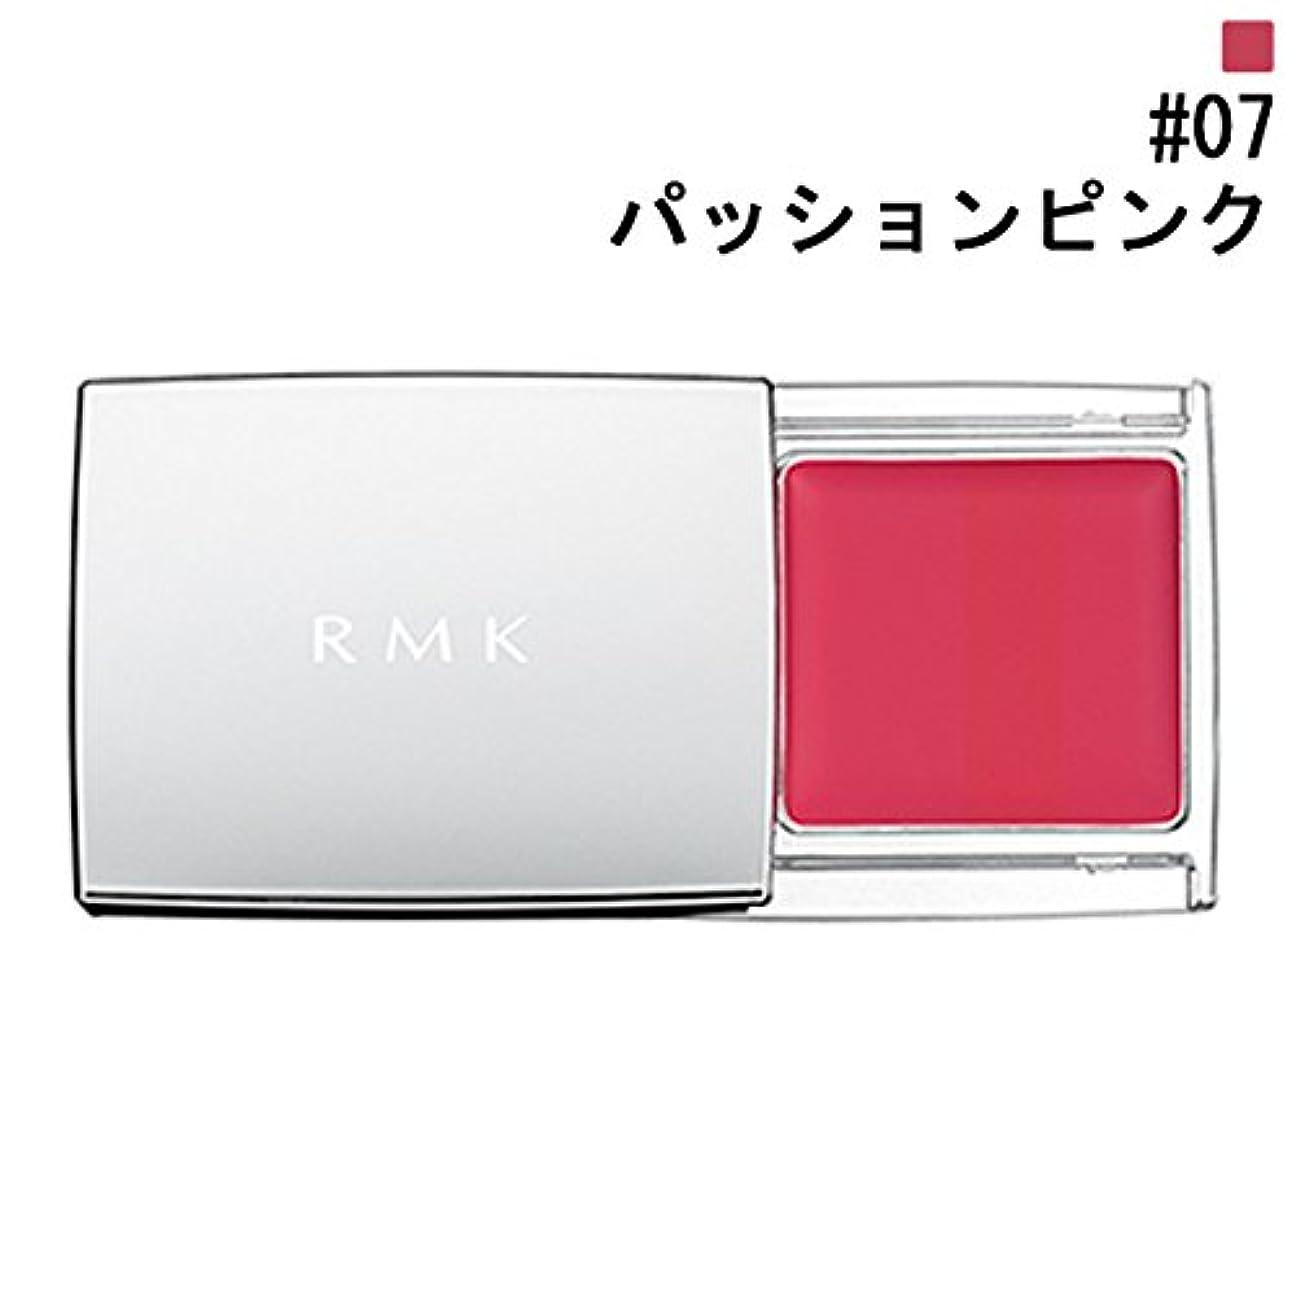 もしデイジー二次【RMK (ルミコ)】RMK マルチペイントカラーズ #07 パッションピンク 1.5g